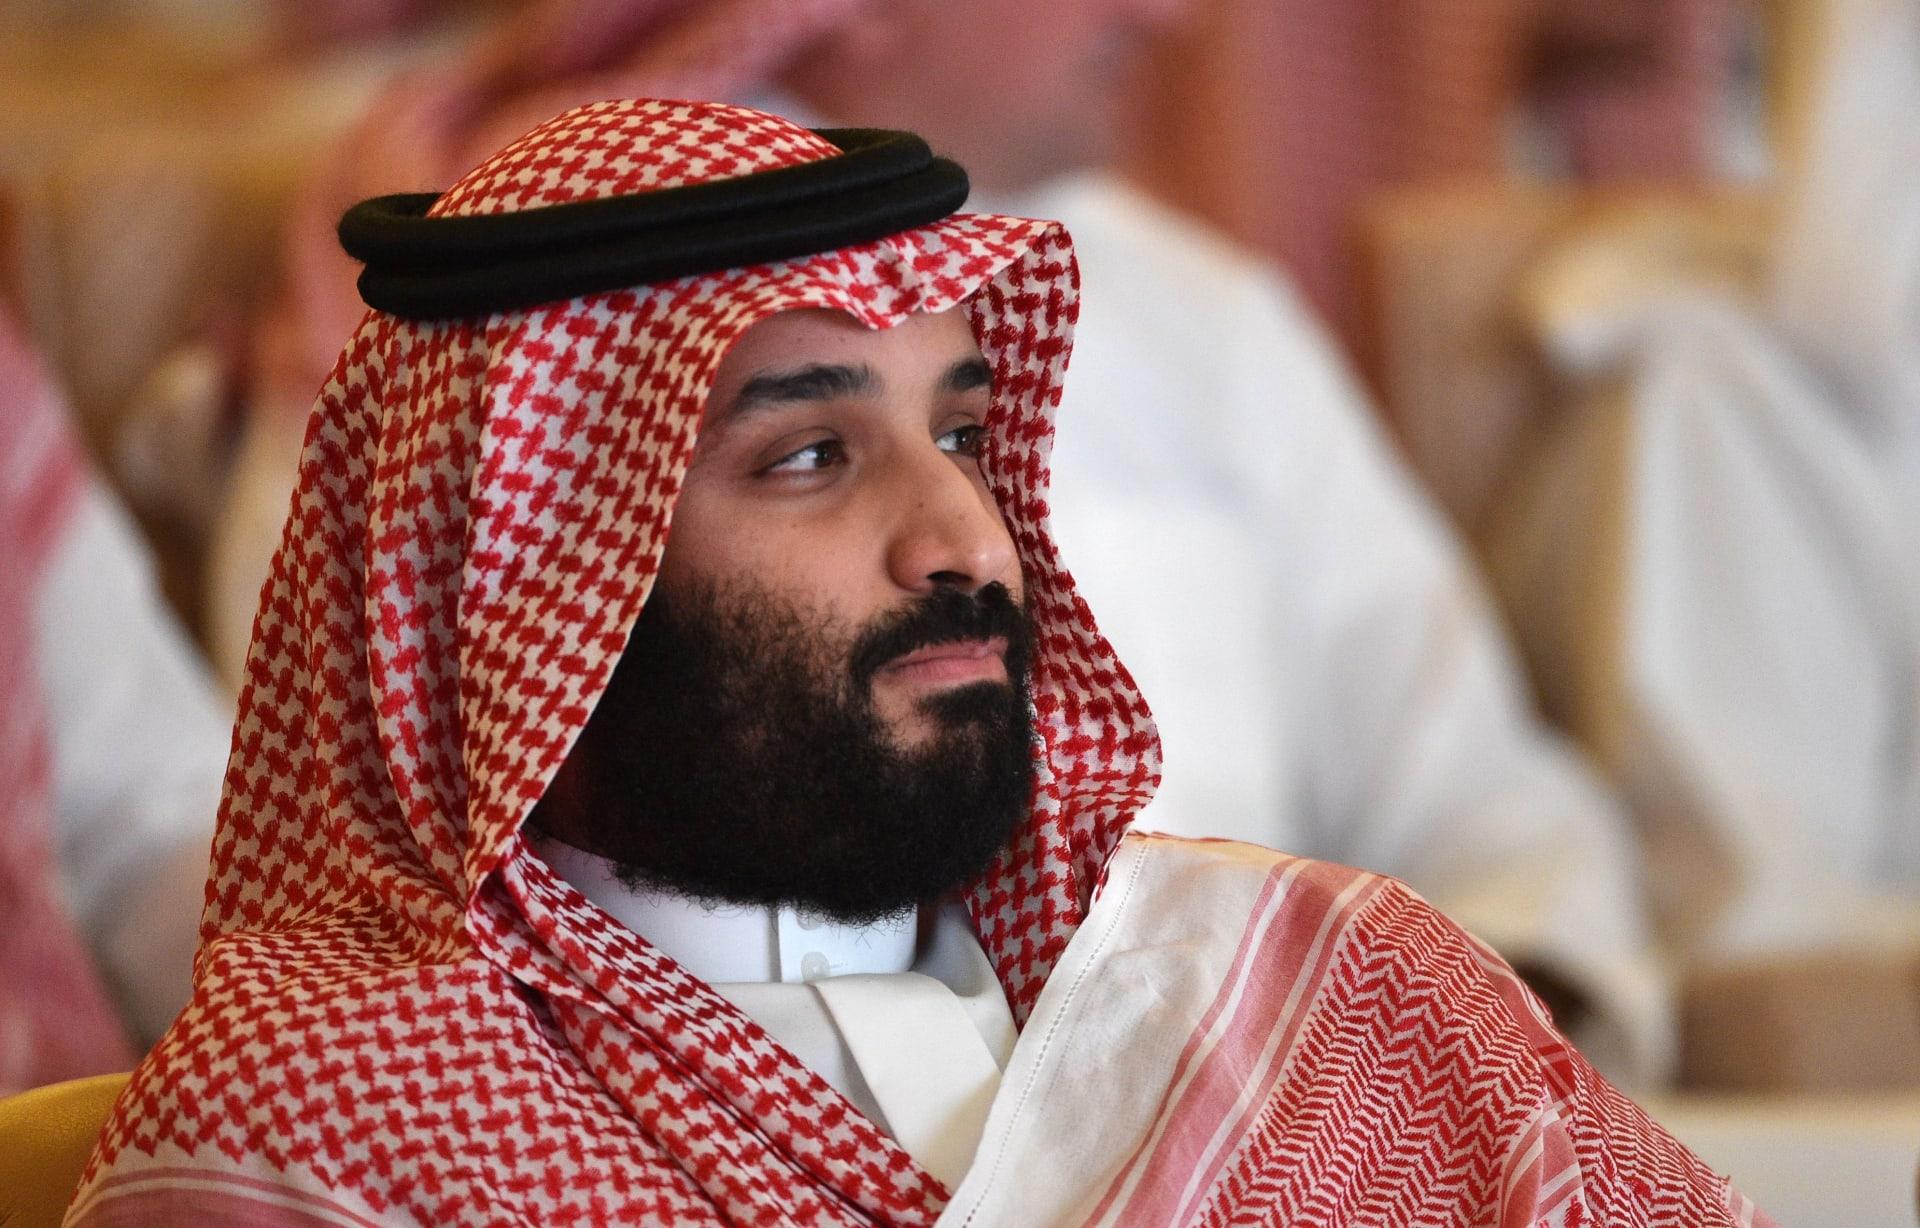 """الإعلان عن برنامج """"صُنع في السعودية"""".. وتداول سؤال لولي العهد: """"شماغك وين مصنوع؟"""""""